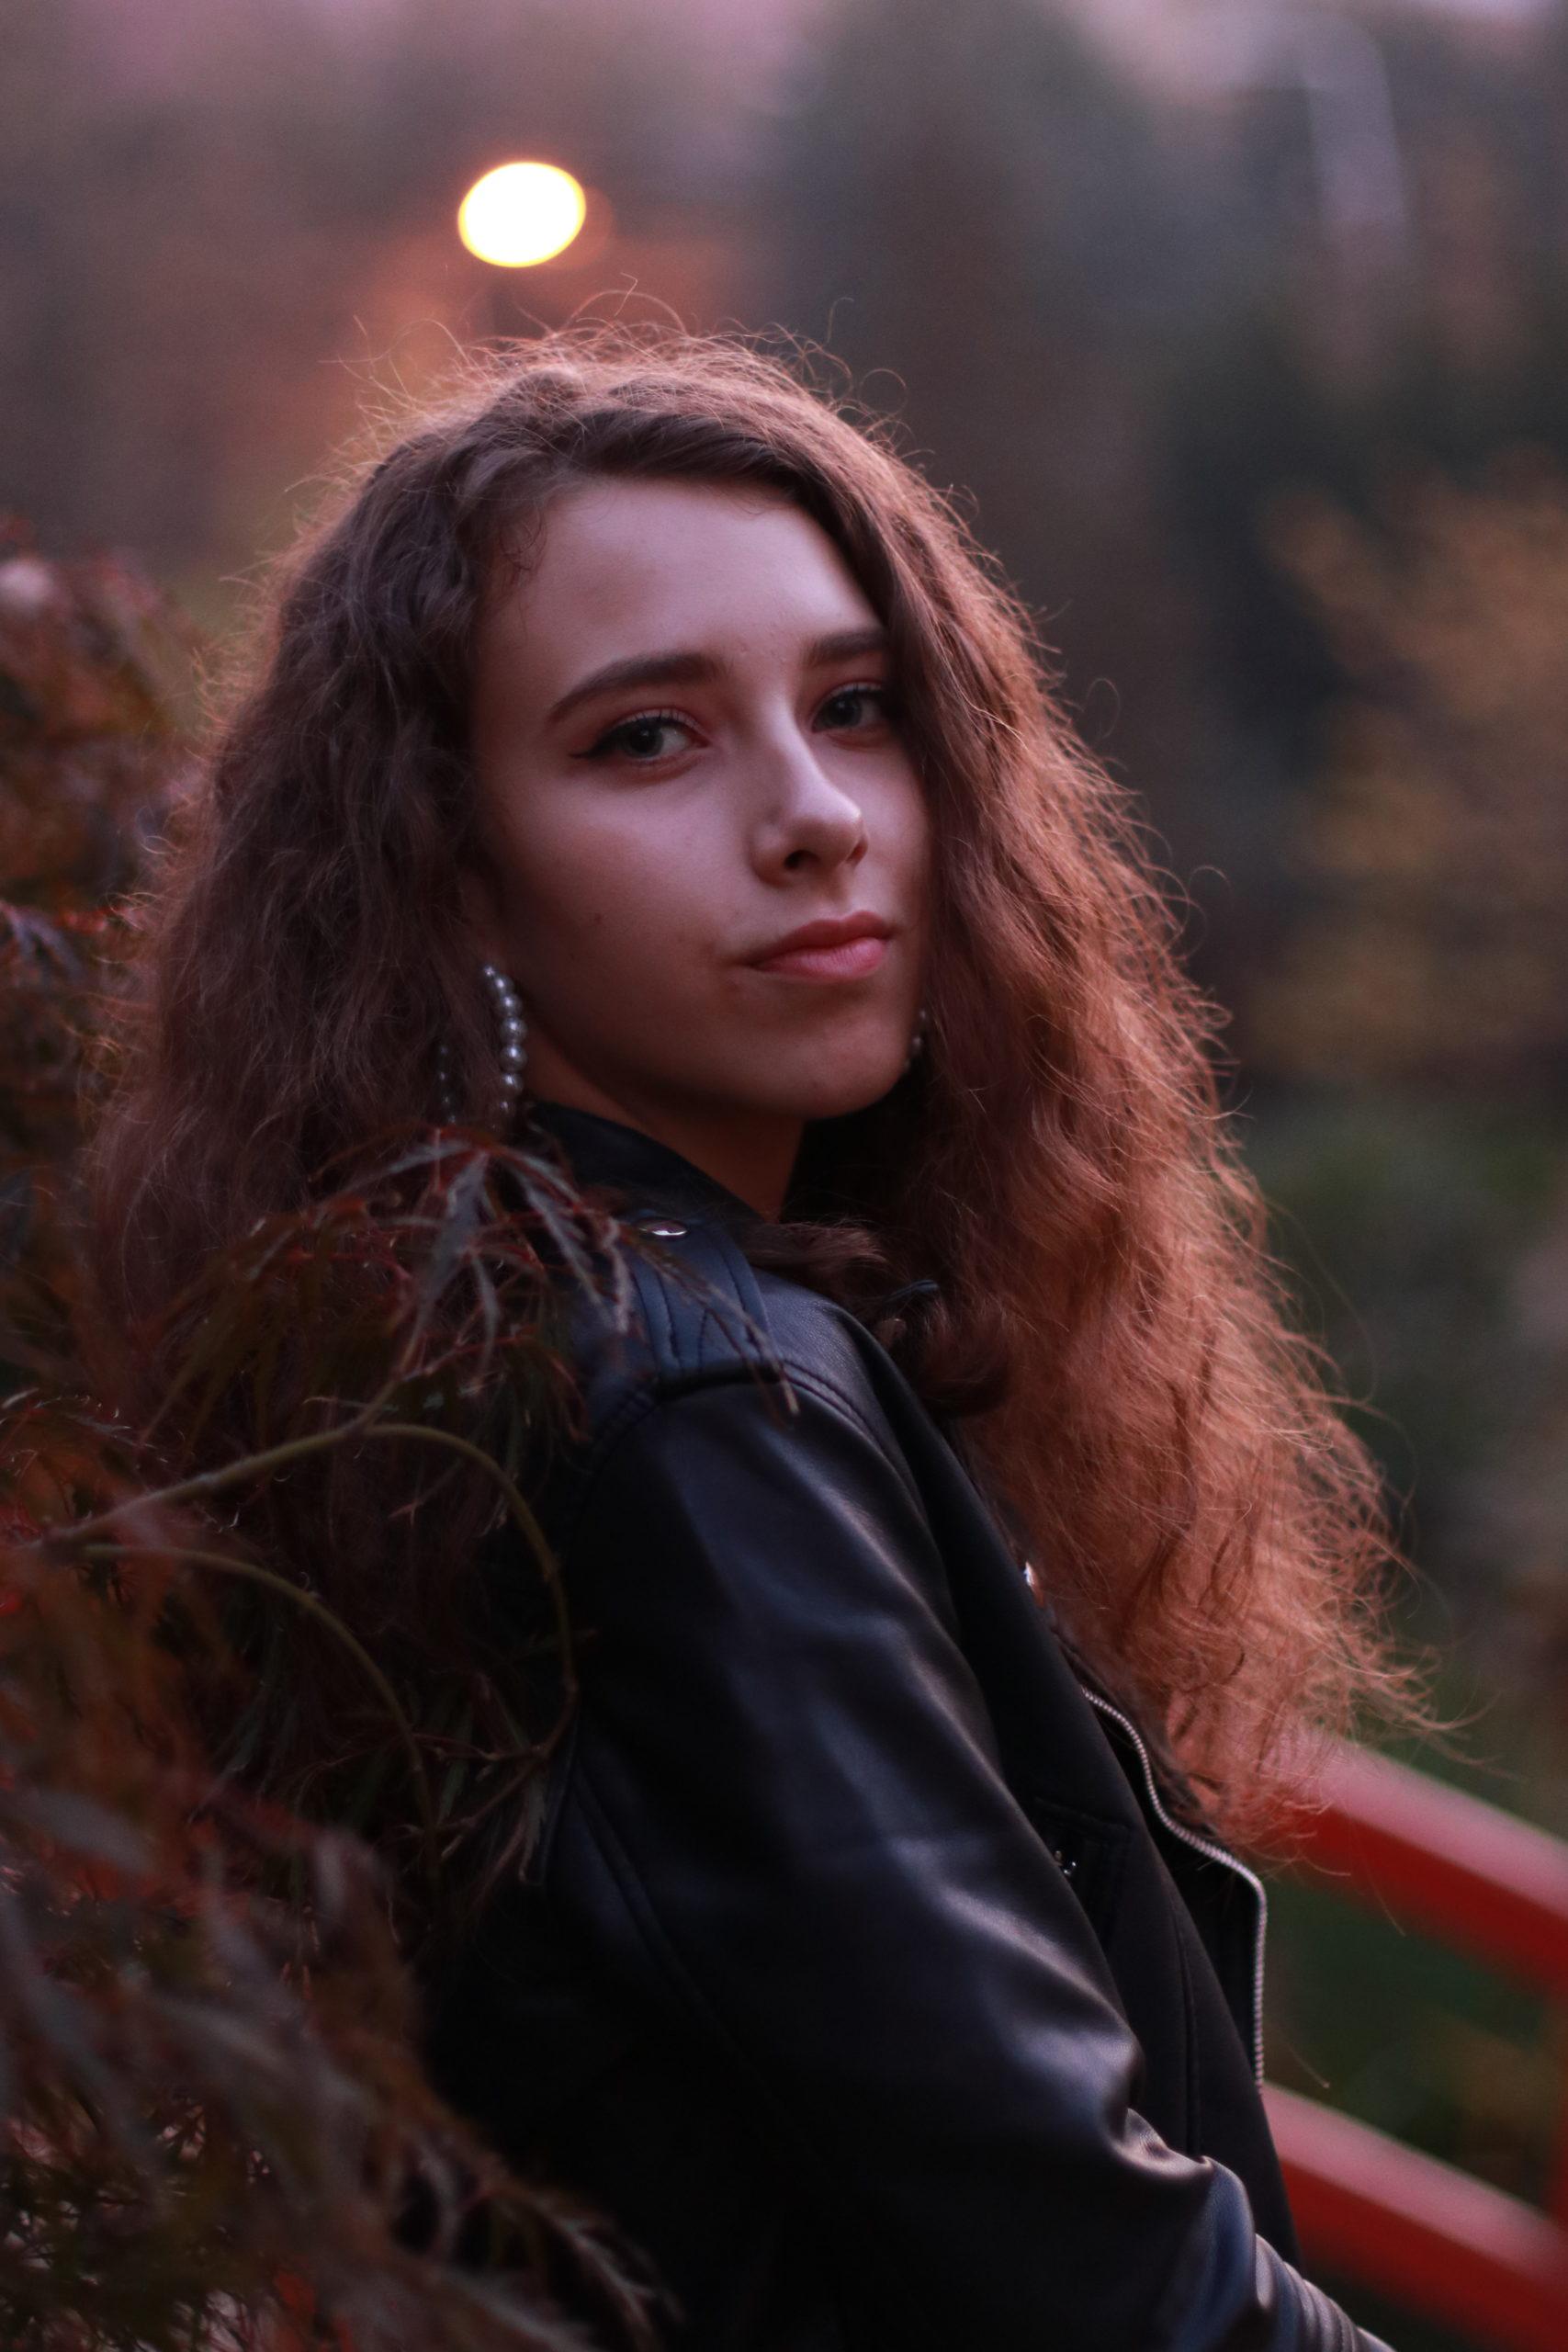 Erika Iszlai